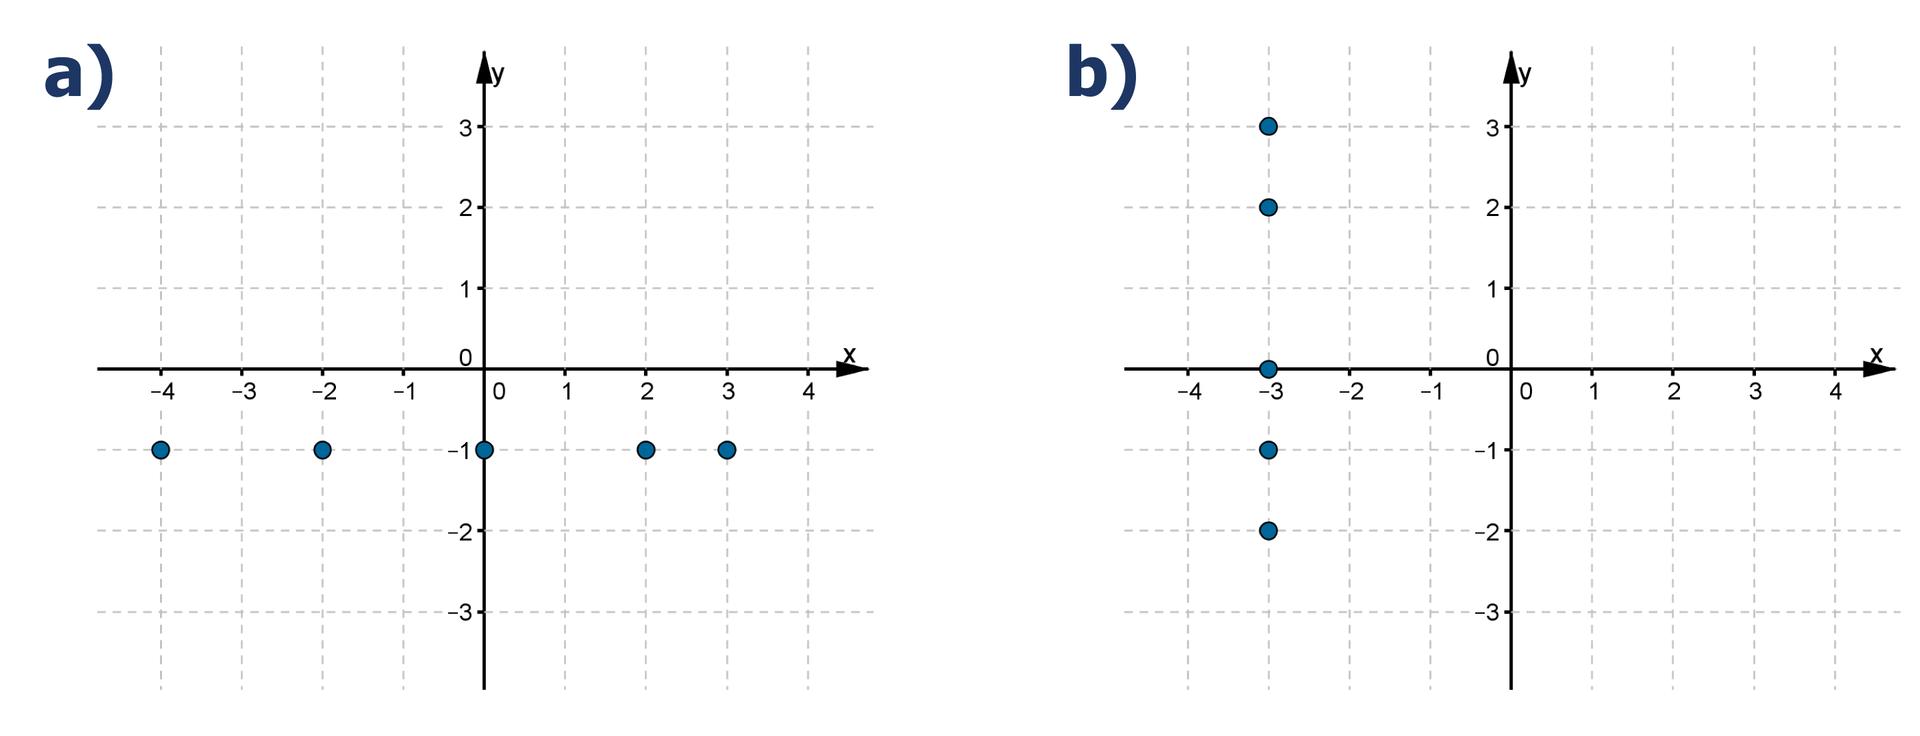 Rysunki dwóch układów współrzędnych. Na pierwszym rysunku zaznaczone punkty owspółrzędnych (-4, -1), (-2, -1), (0, -1), (2, -1), (3, -1). Na drugim rysunku zaznaczone punkty owspółrzędnych (-3, 3), (-3, 2), (-3, 0), (-3, -1), (-3, -2).